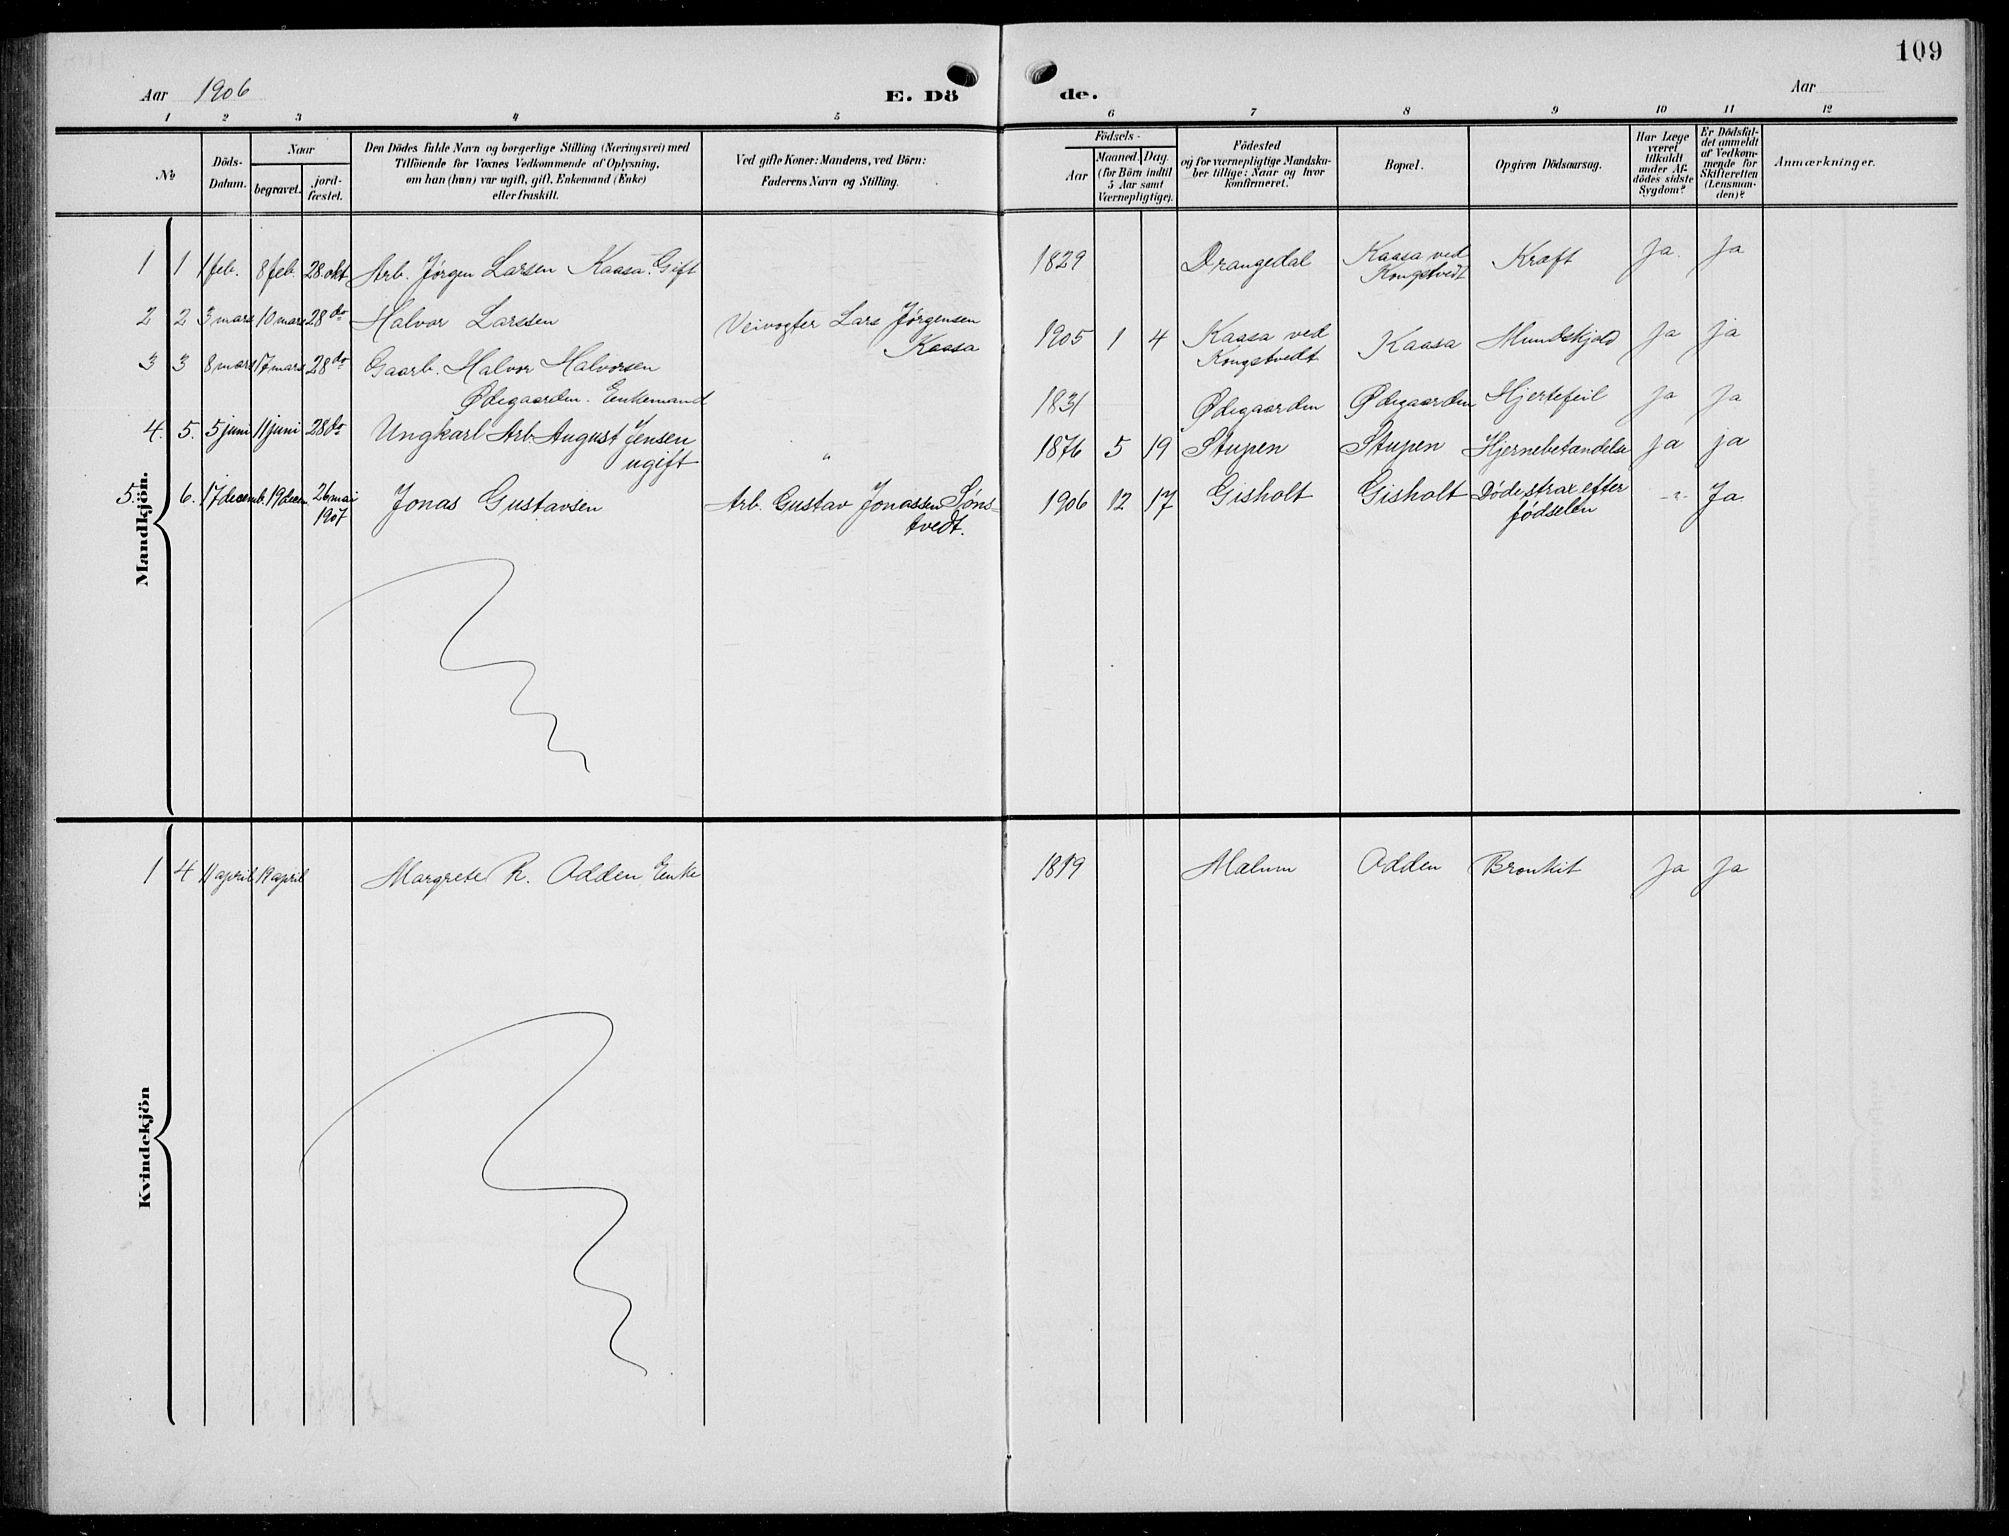 SAKO, Solum kirkebøker, G/Gc/L0002: Klokkerbok nr. III 2, 1902-1934, s. 109